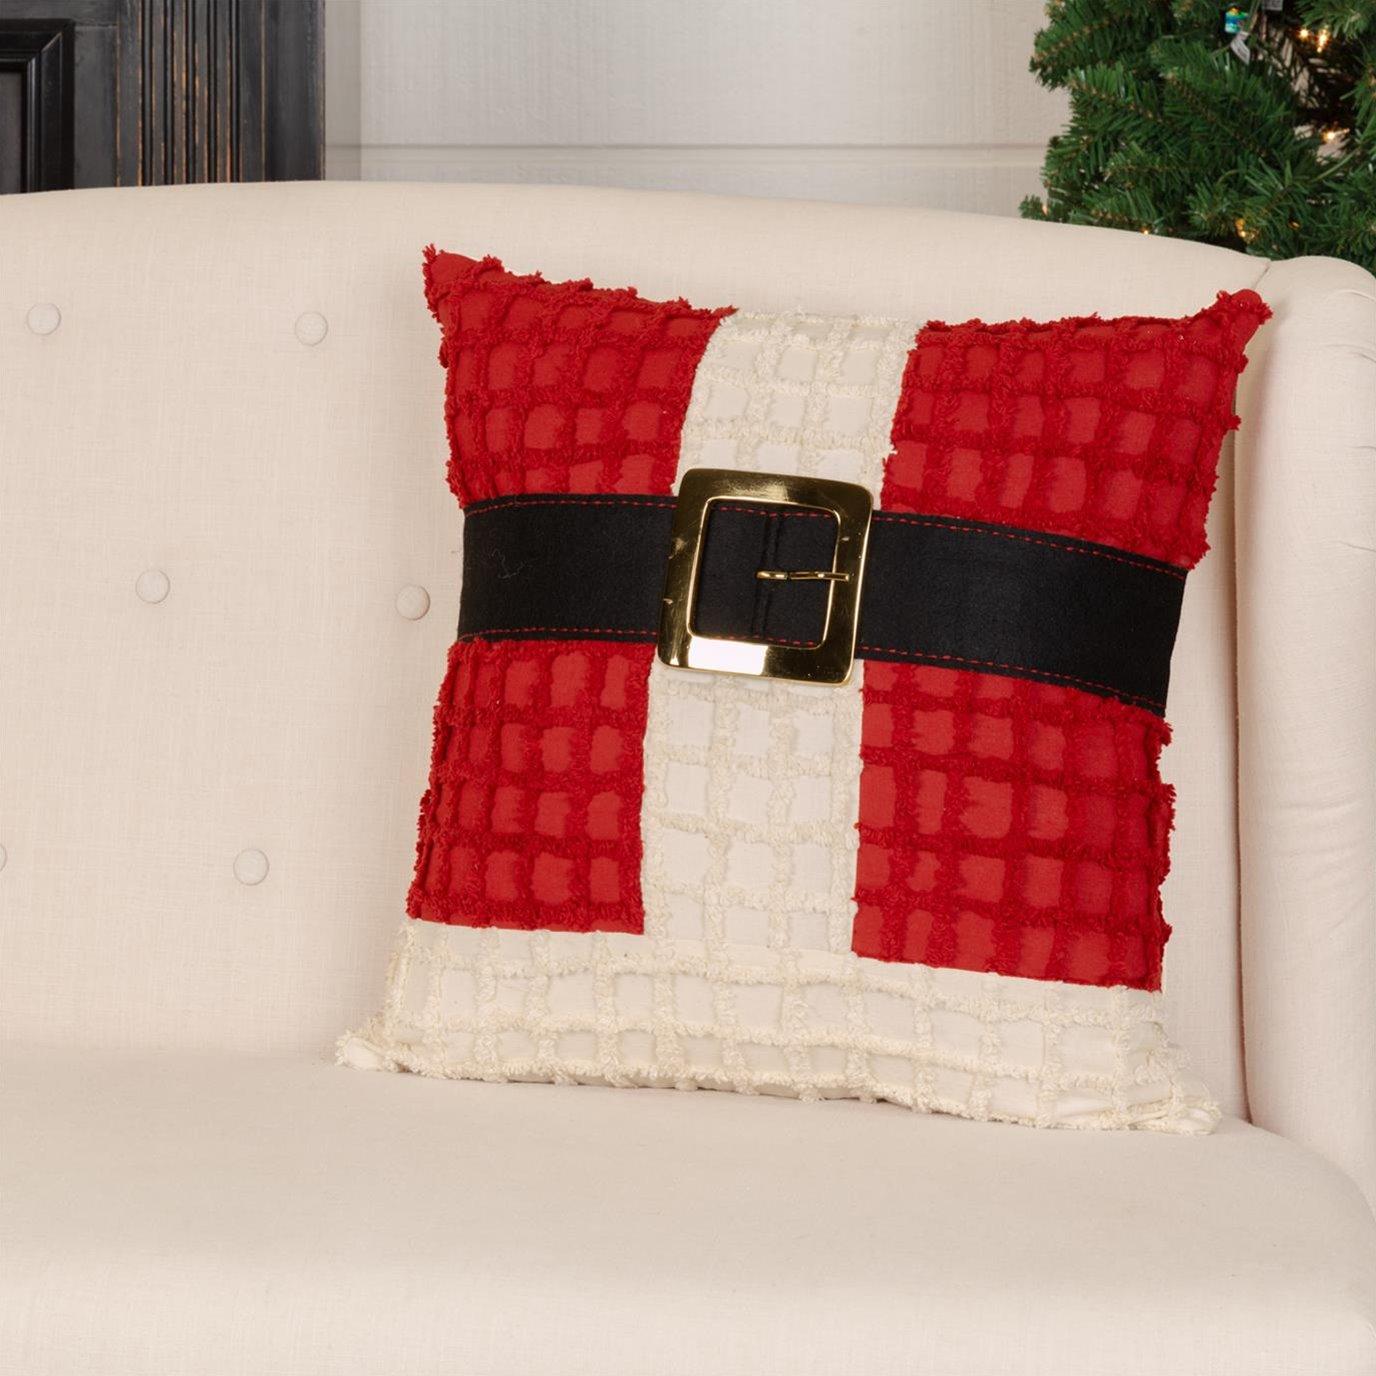 Chenille Christmas Santa Suit Pillow 18x18